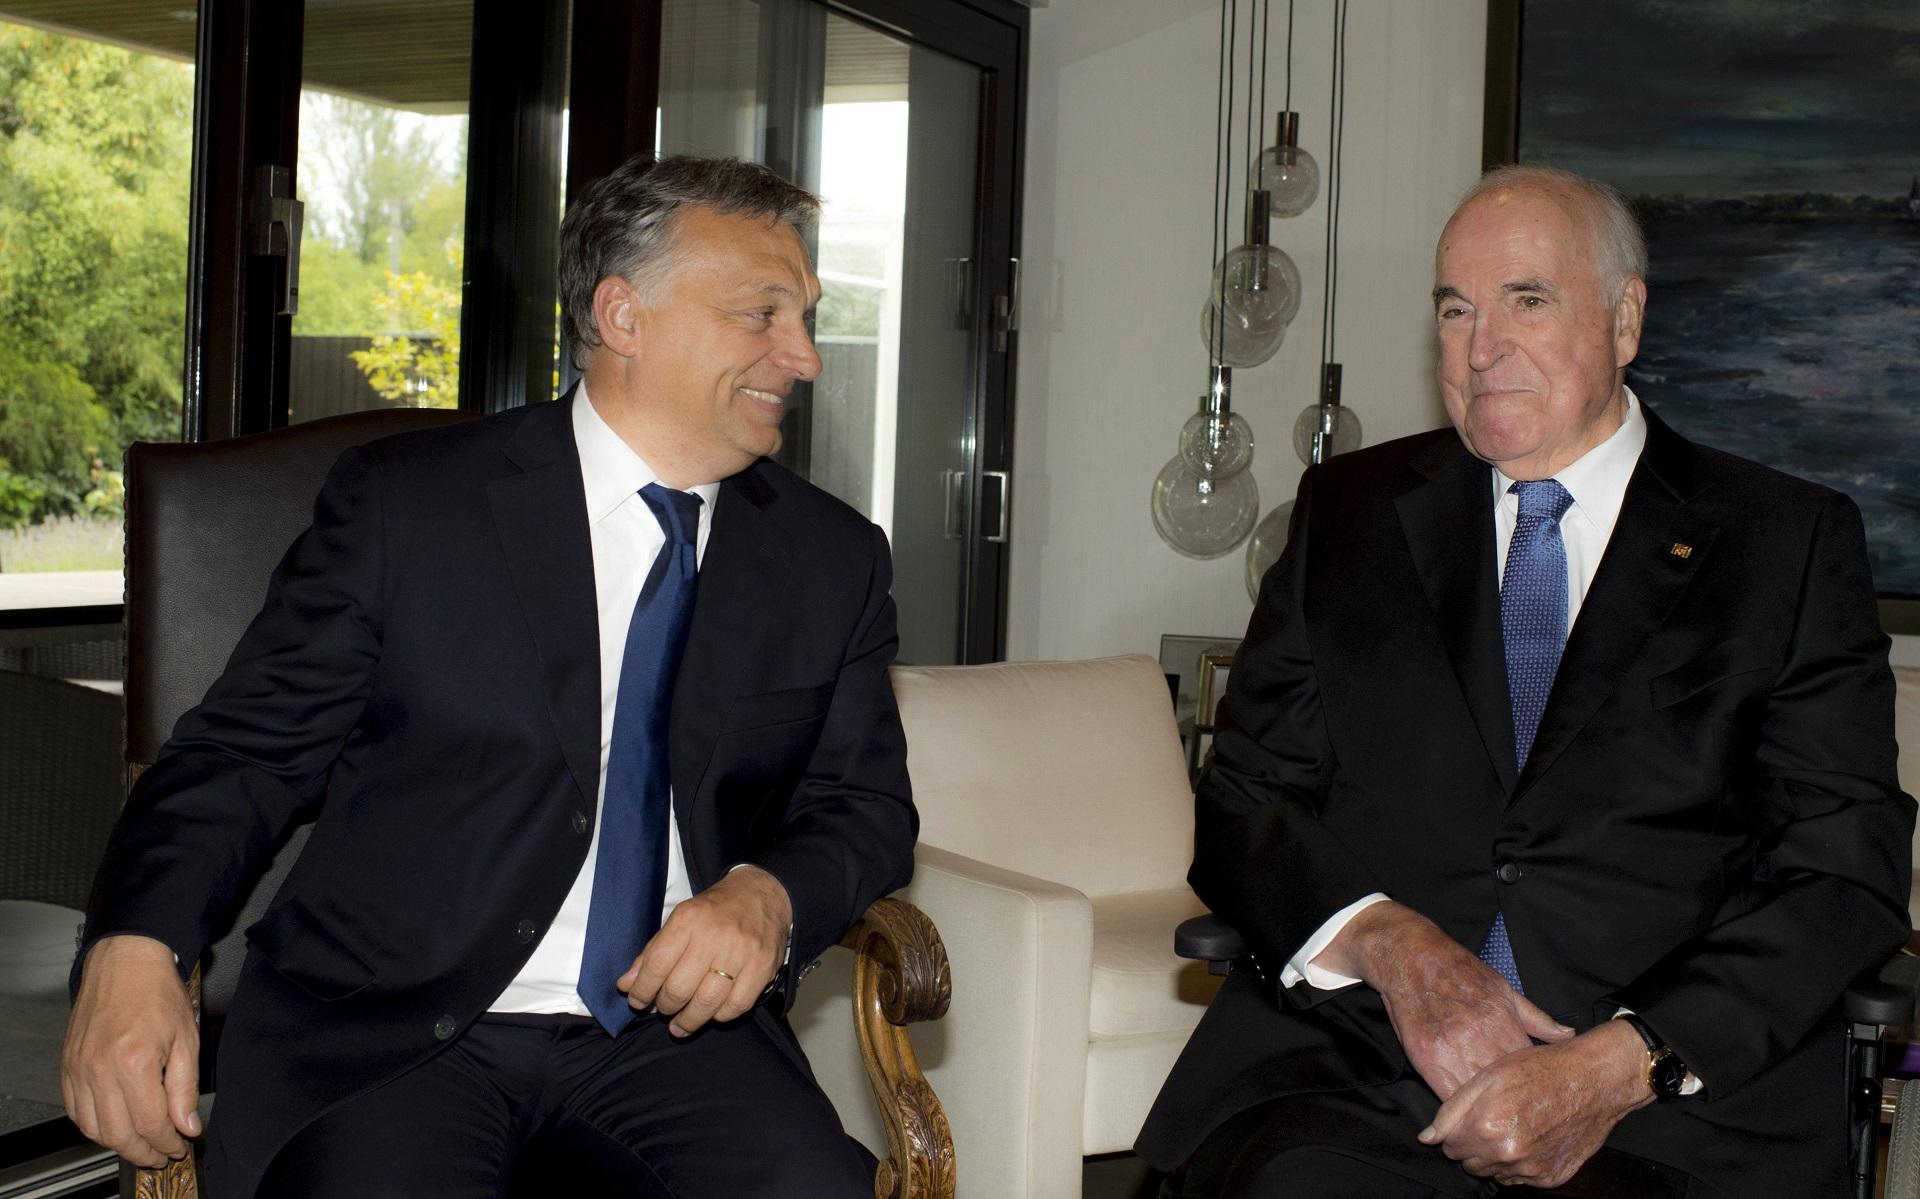 Ha az Európai Unióról van szó, Helmut Kohl teljesen egyetért Orbán Viktorral